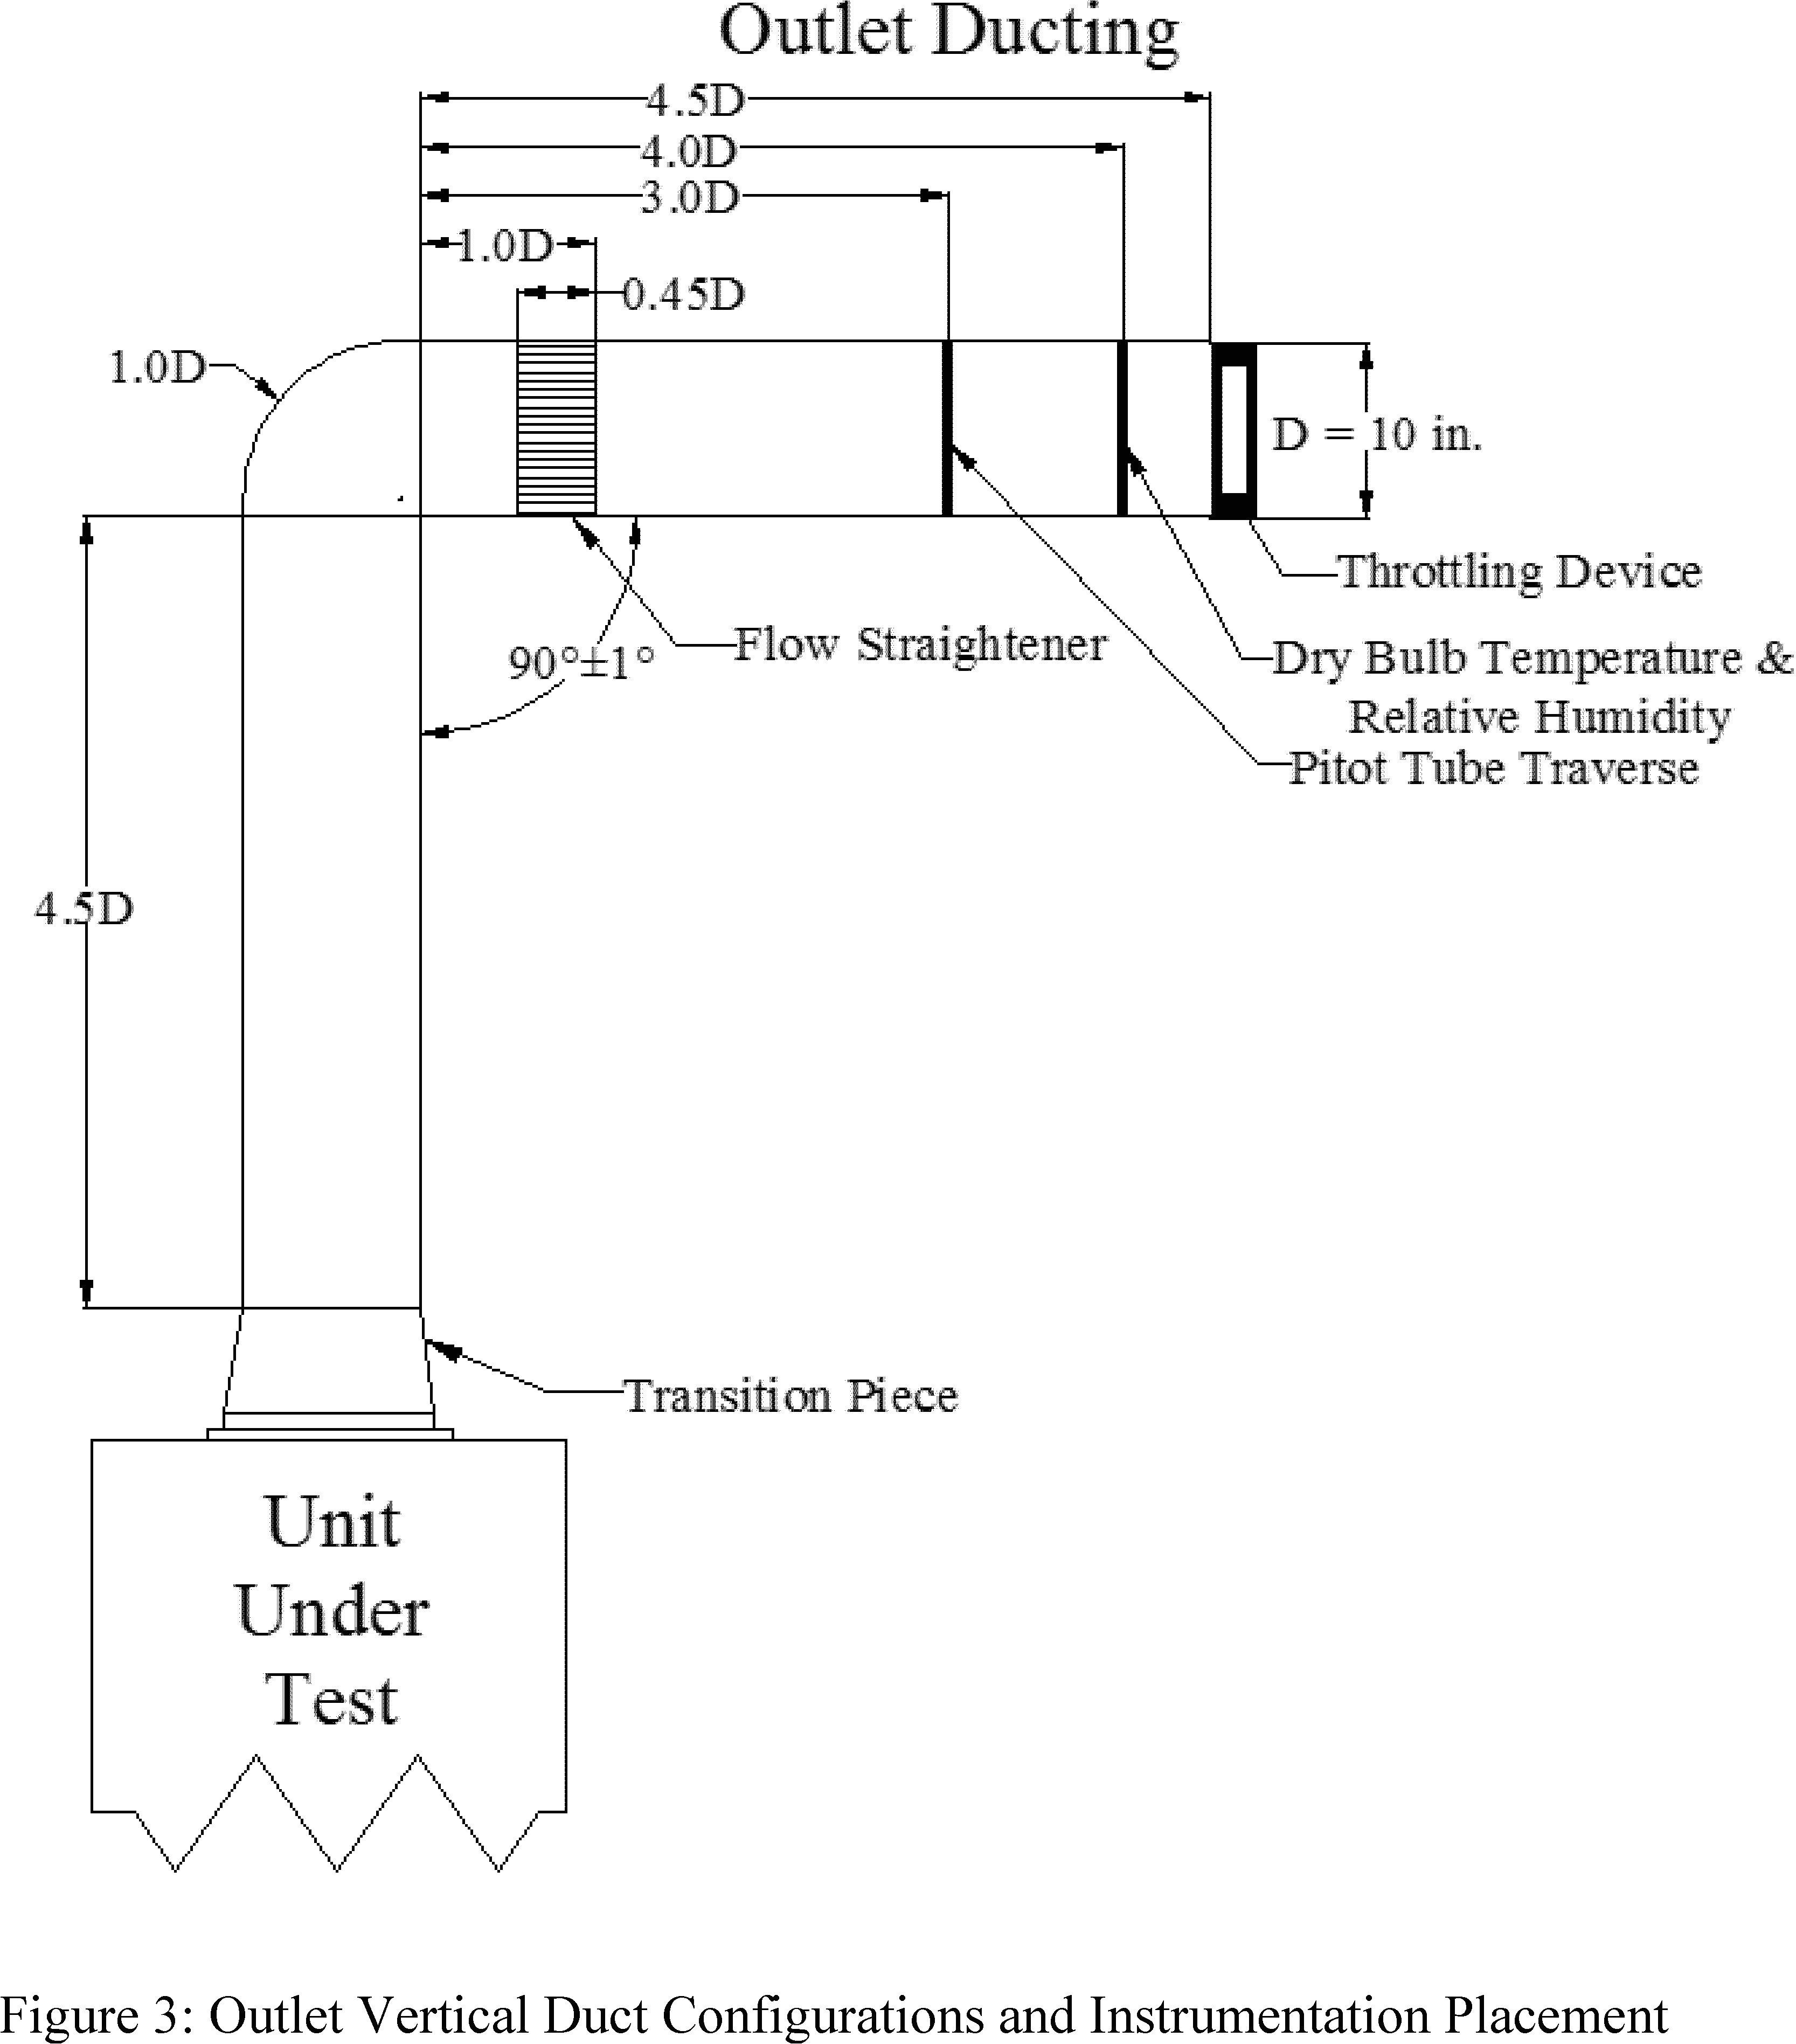 ethernet wiring diagram fresh home lan wiring diagram new home network wiring diagram valid wiring photos